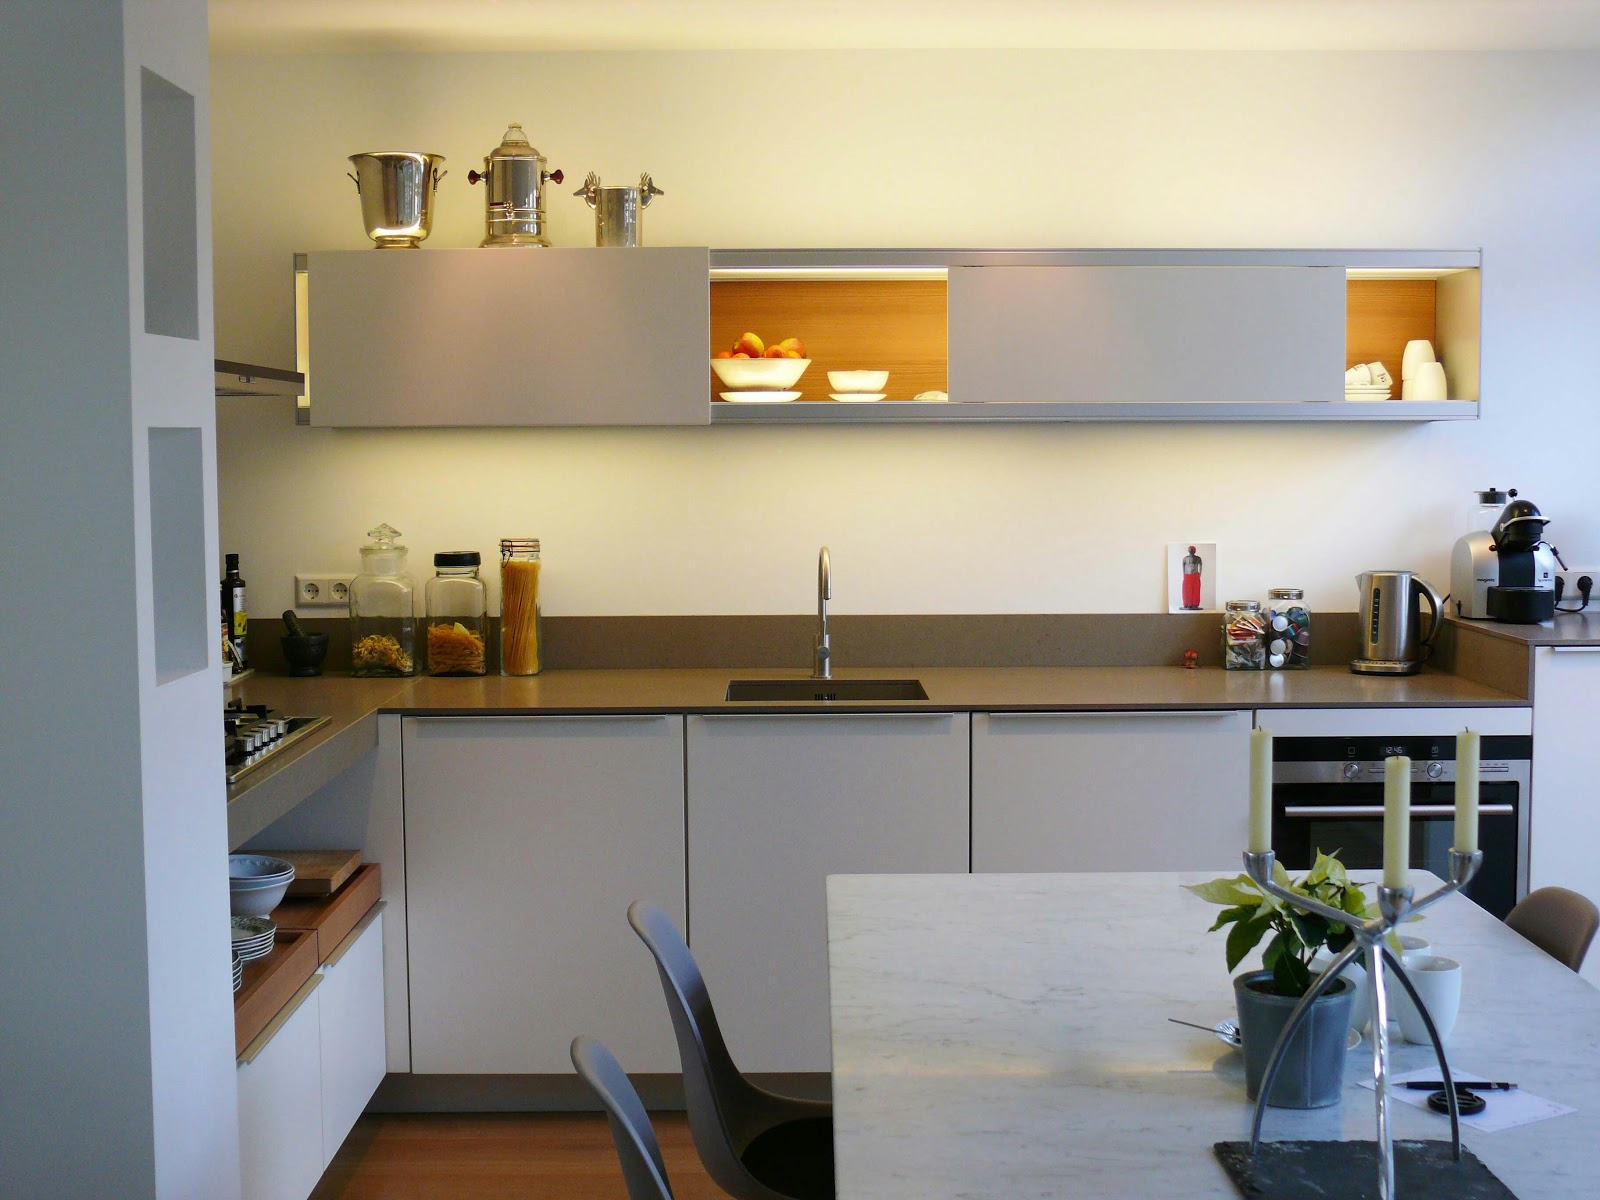 Keuken ontwerp stylingburo sterk staaltje